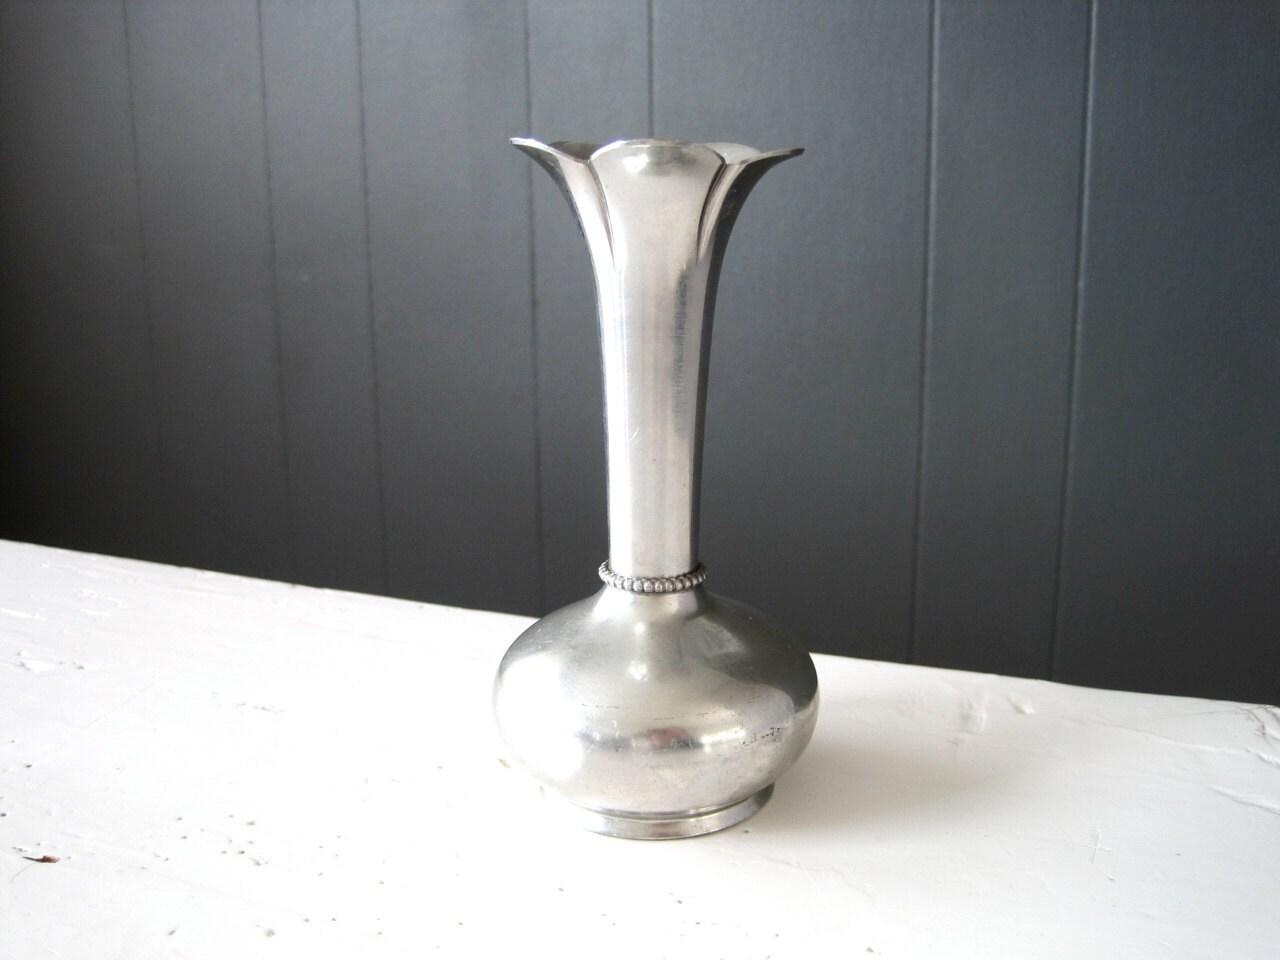 Vintage brdene mylius pewter vase small vase by bm tinn of description lovely small pewter vase reviewsmspy